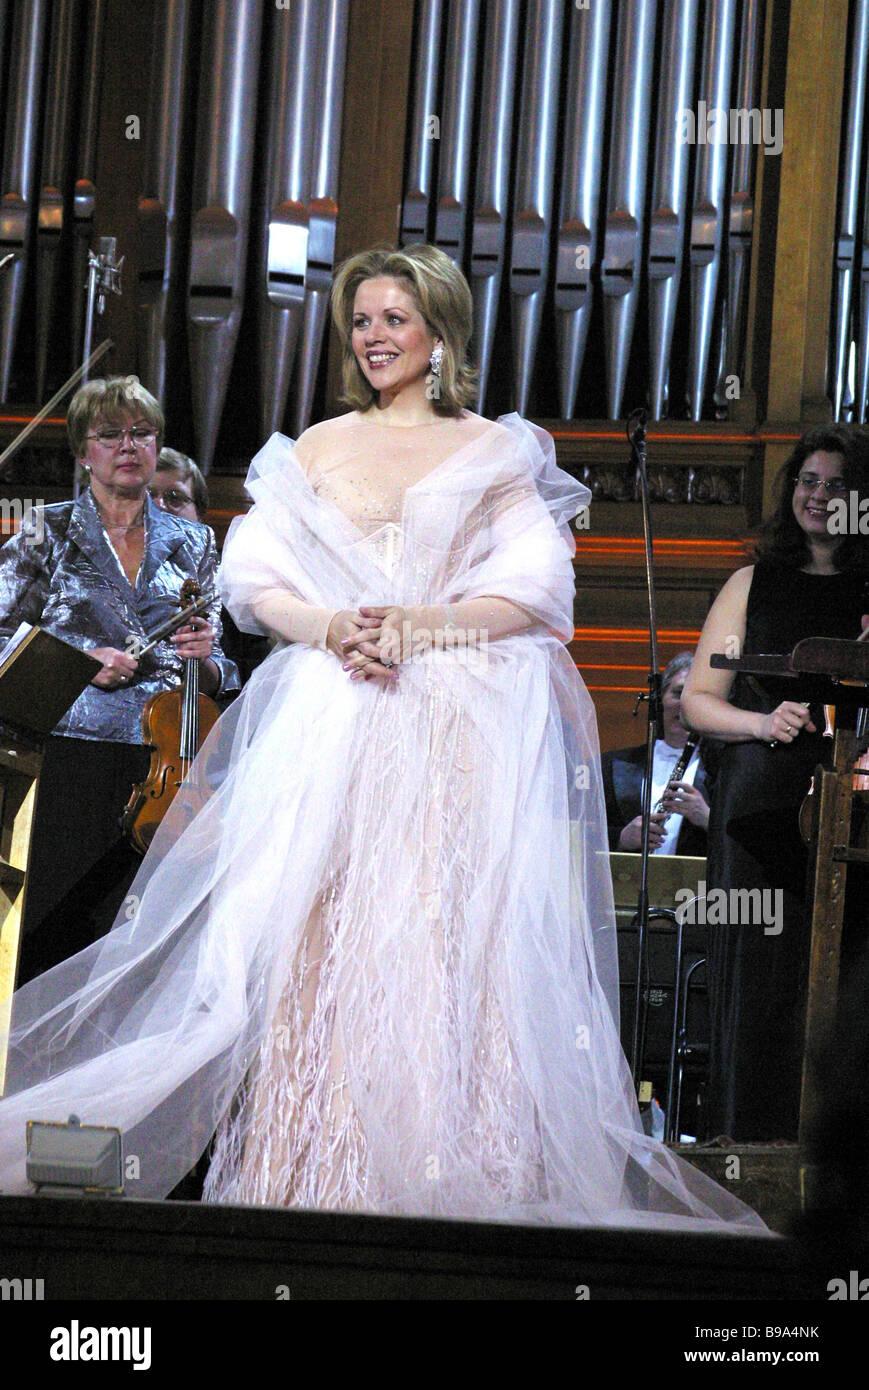 U S singer Renee Fleming soprano à un concert dans la grande salle du Conservatoire de Moscou Photo Stock